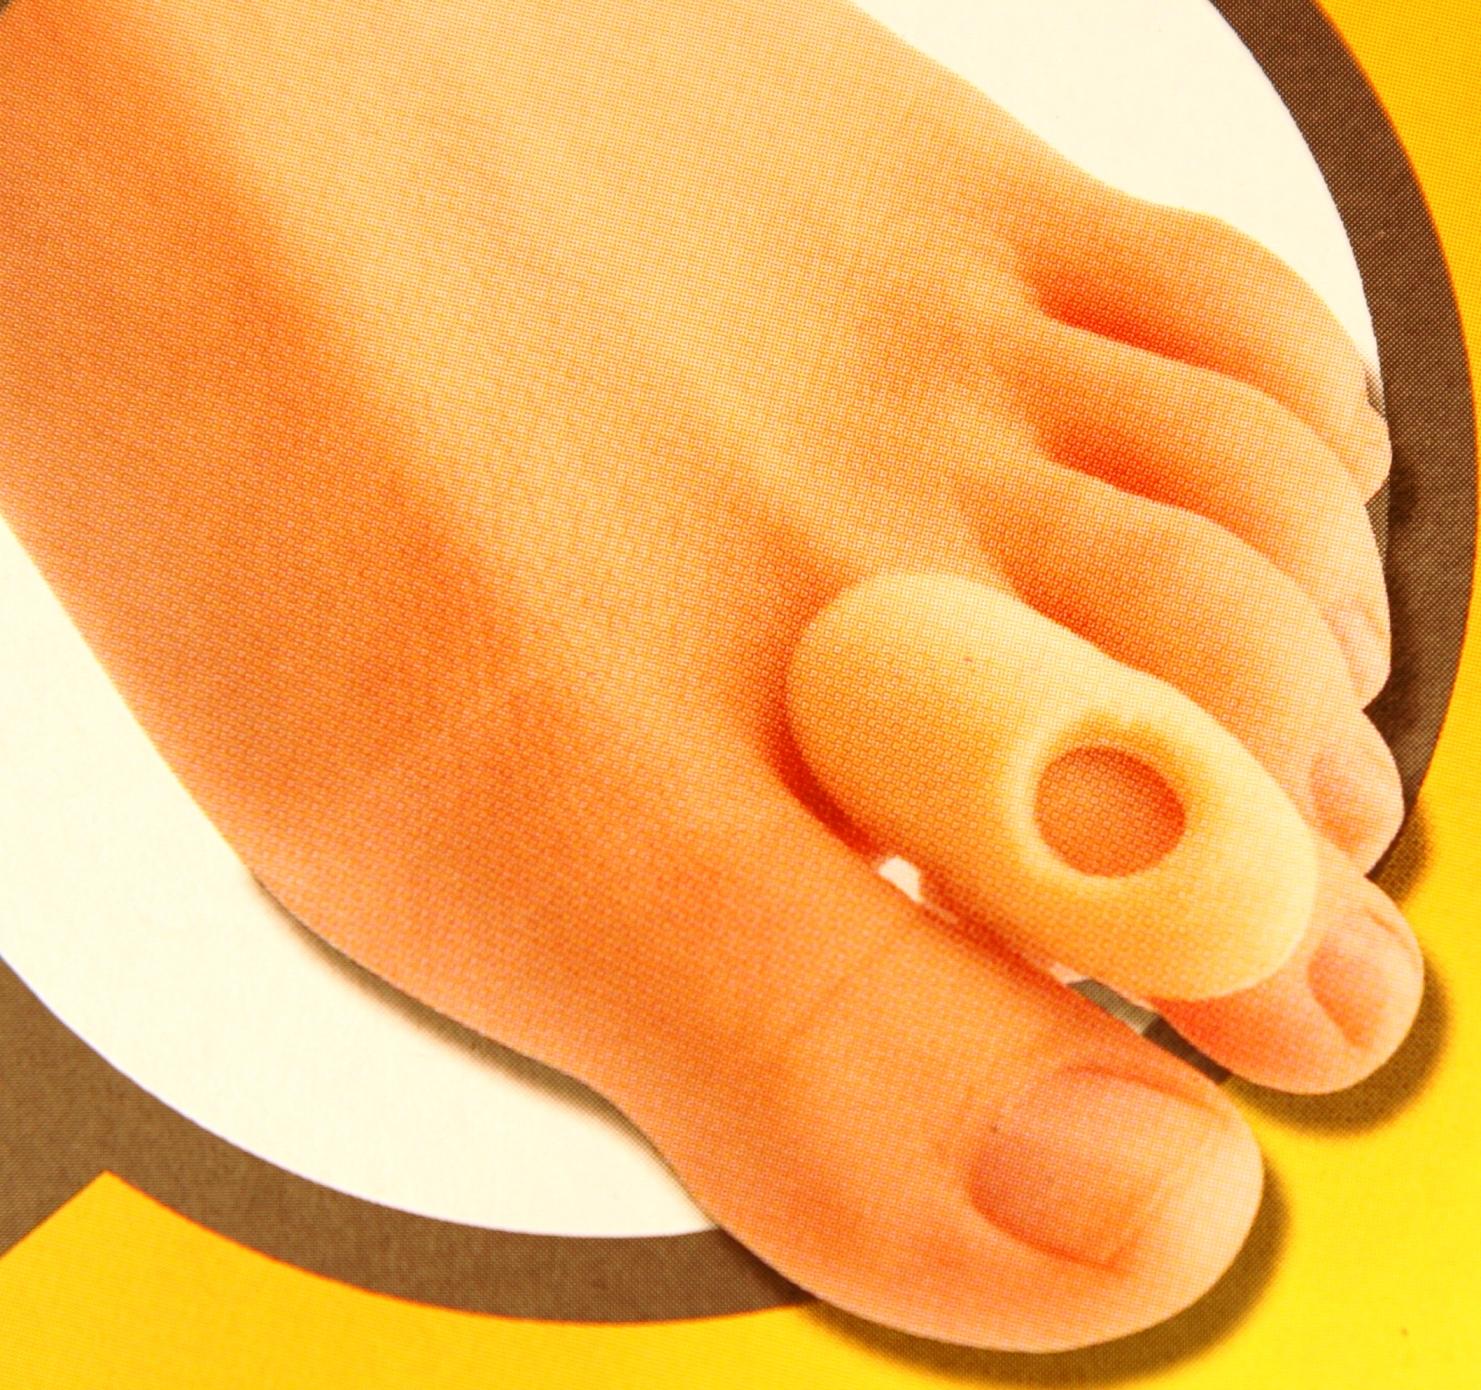 az ujjak ízületeinek deformációja, hogyan kell kezelni